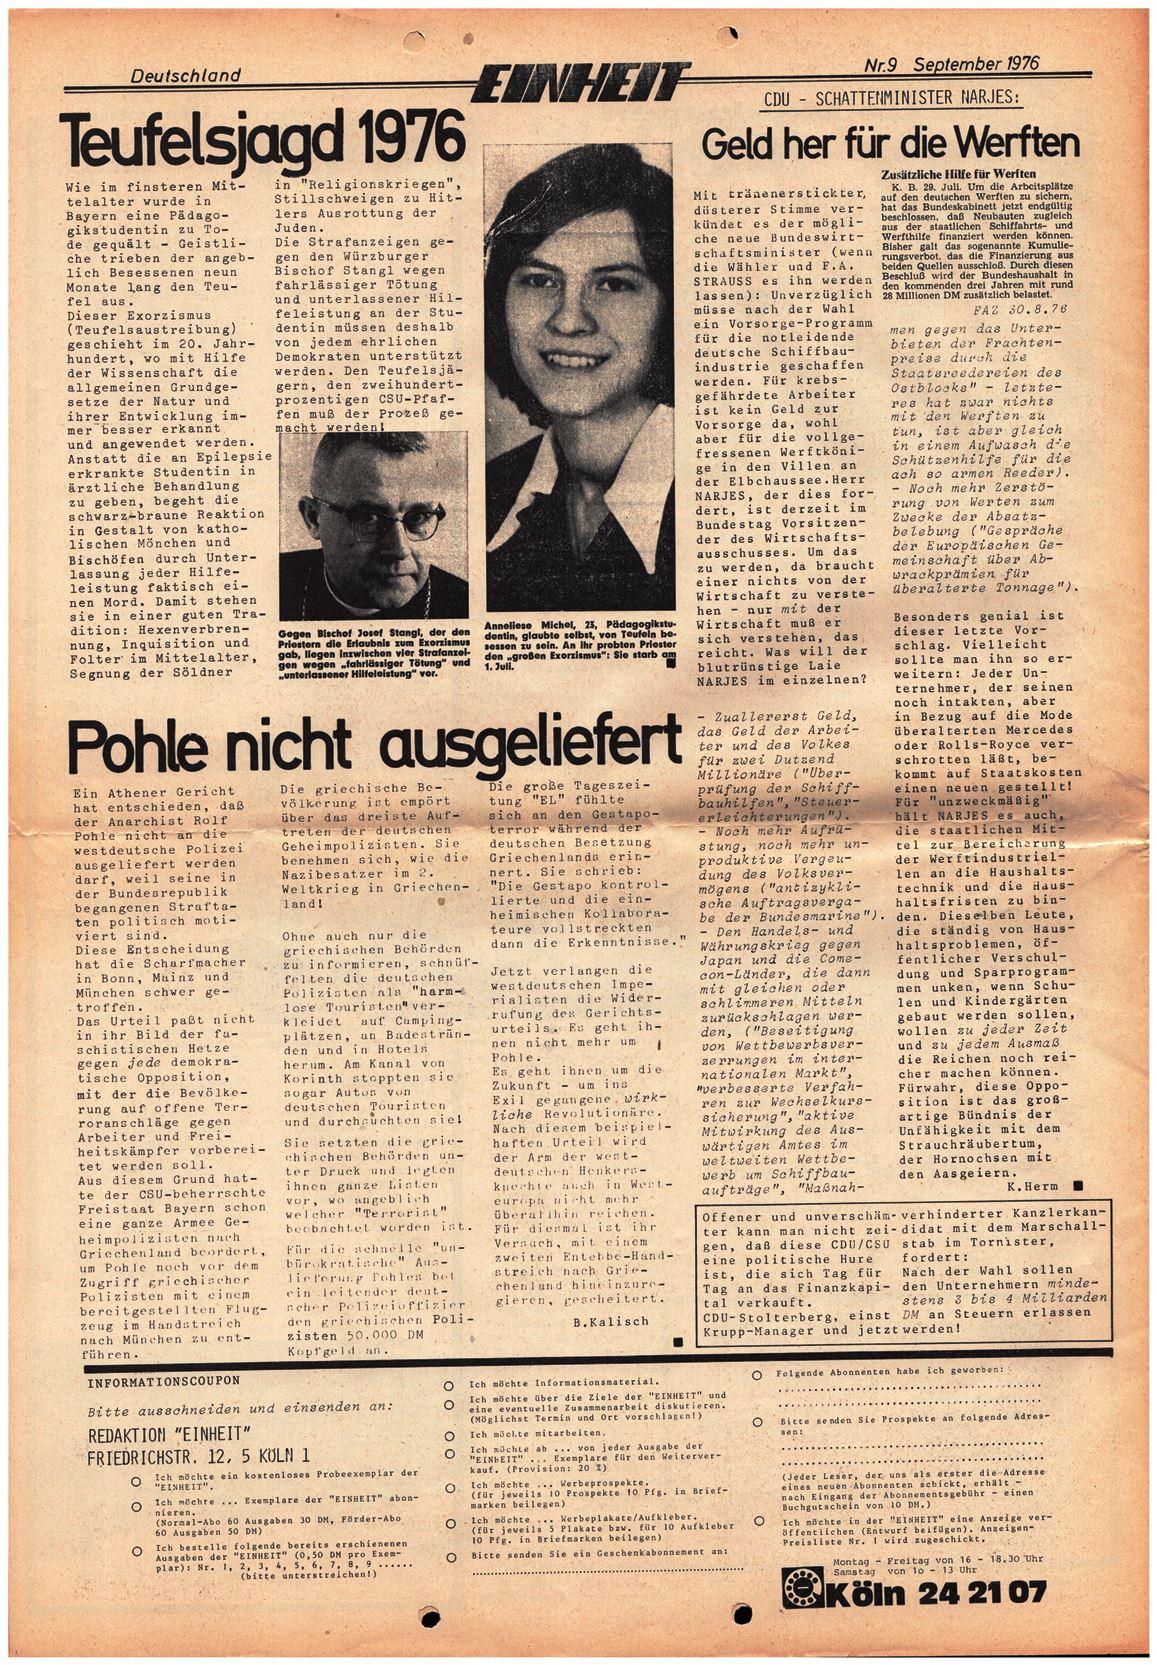 Koeln_IPdA_Einheit_1976_009_029